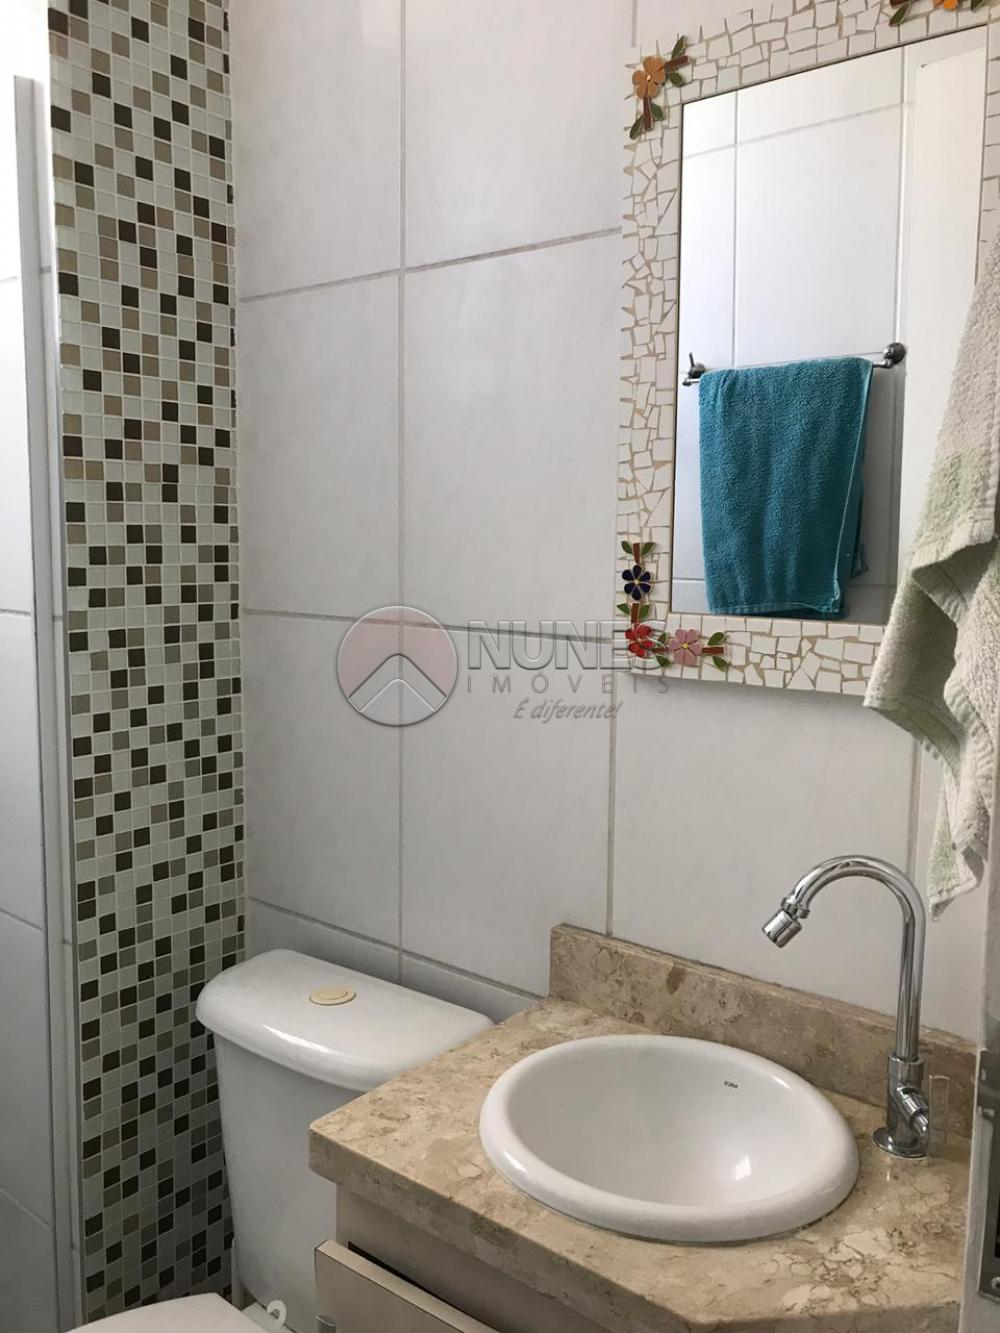 Comprar Apartamento / Padrão em Osasco apenas R$ 230.000,00 - Foto 8